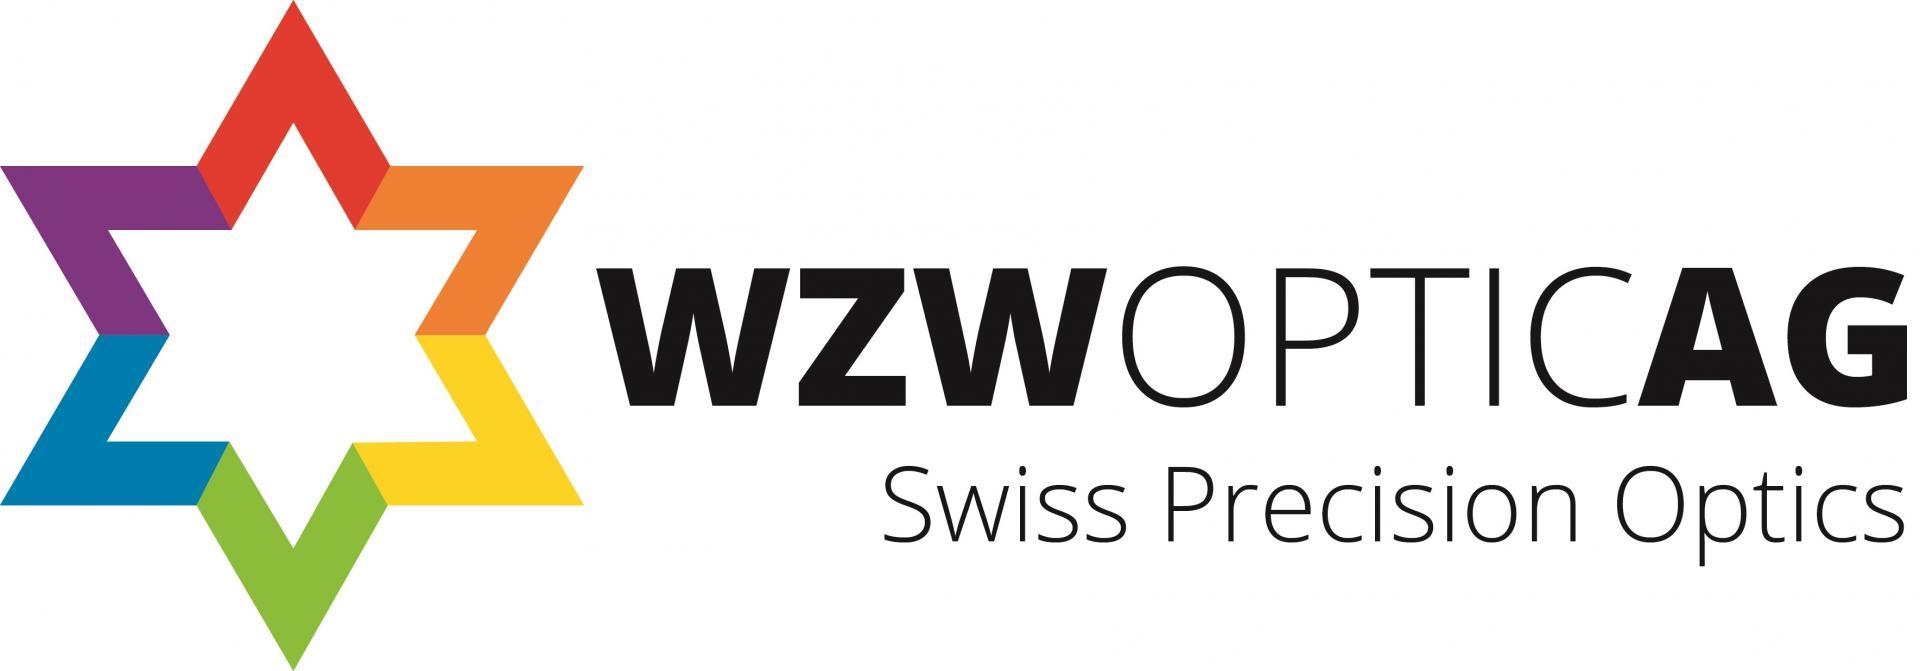 Wzw logo neu